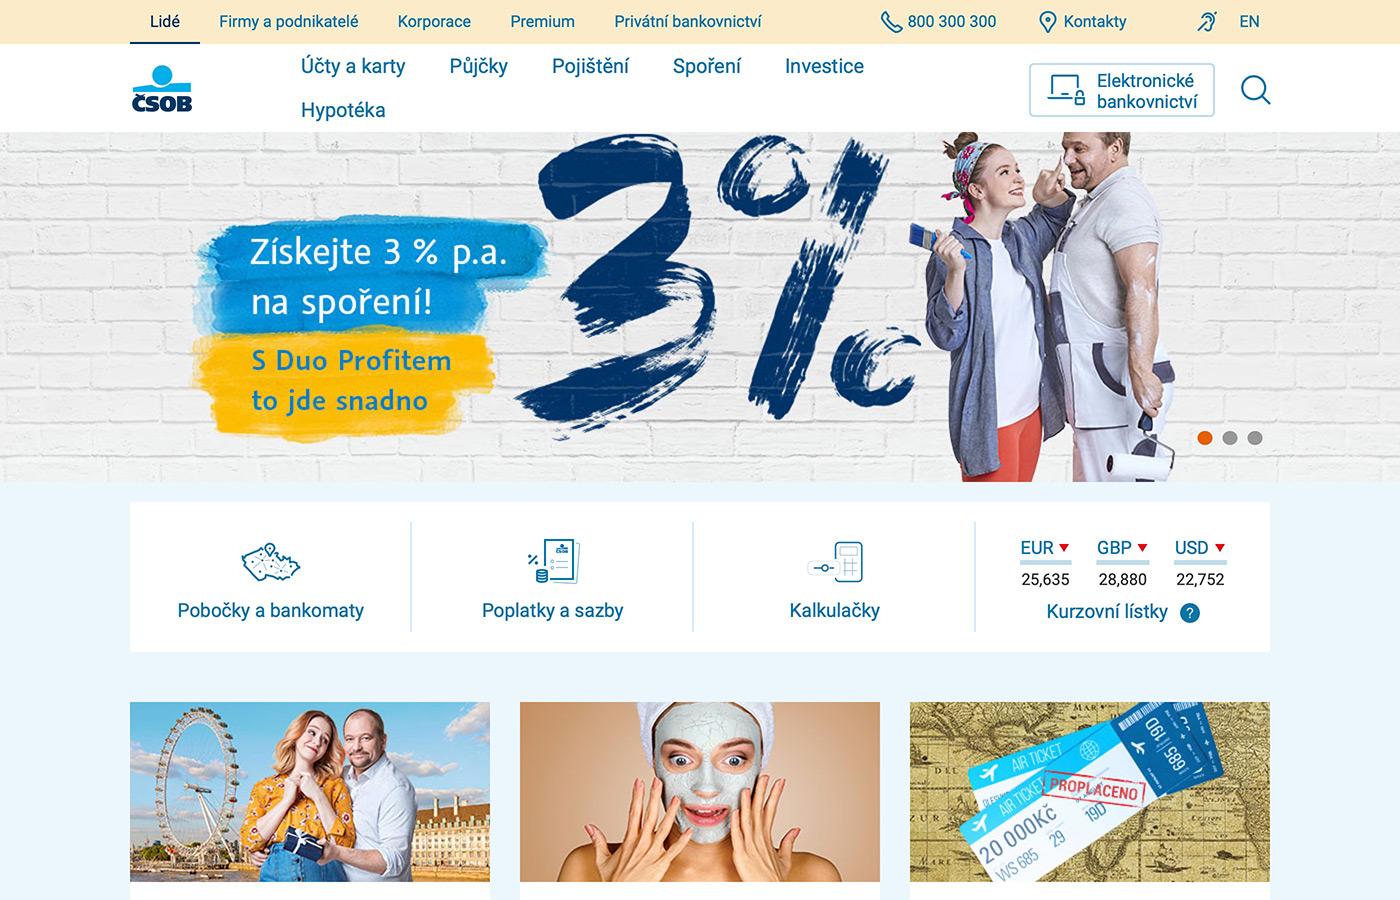 Webové stránky https://www.csob.cz/portal/lide/pujcky/pujcka-na-cokoliv